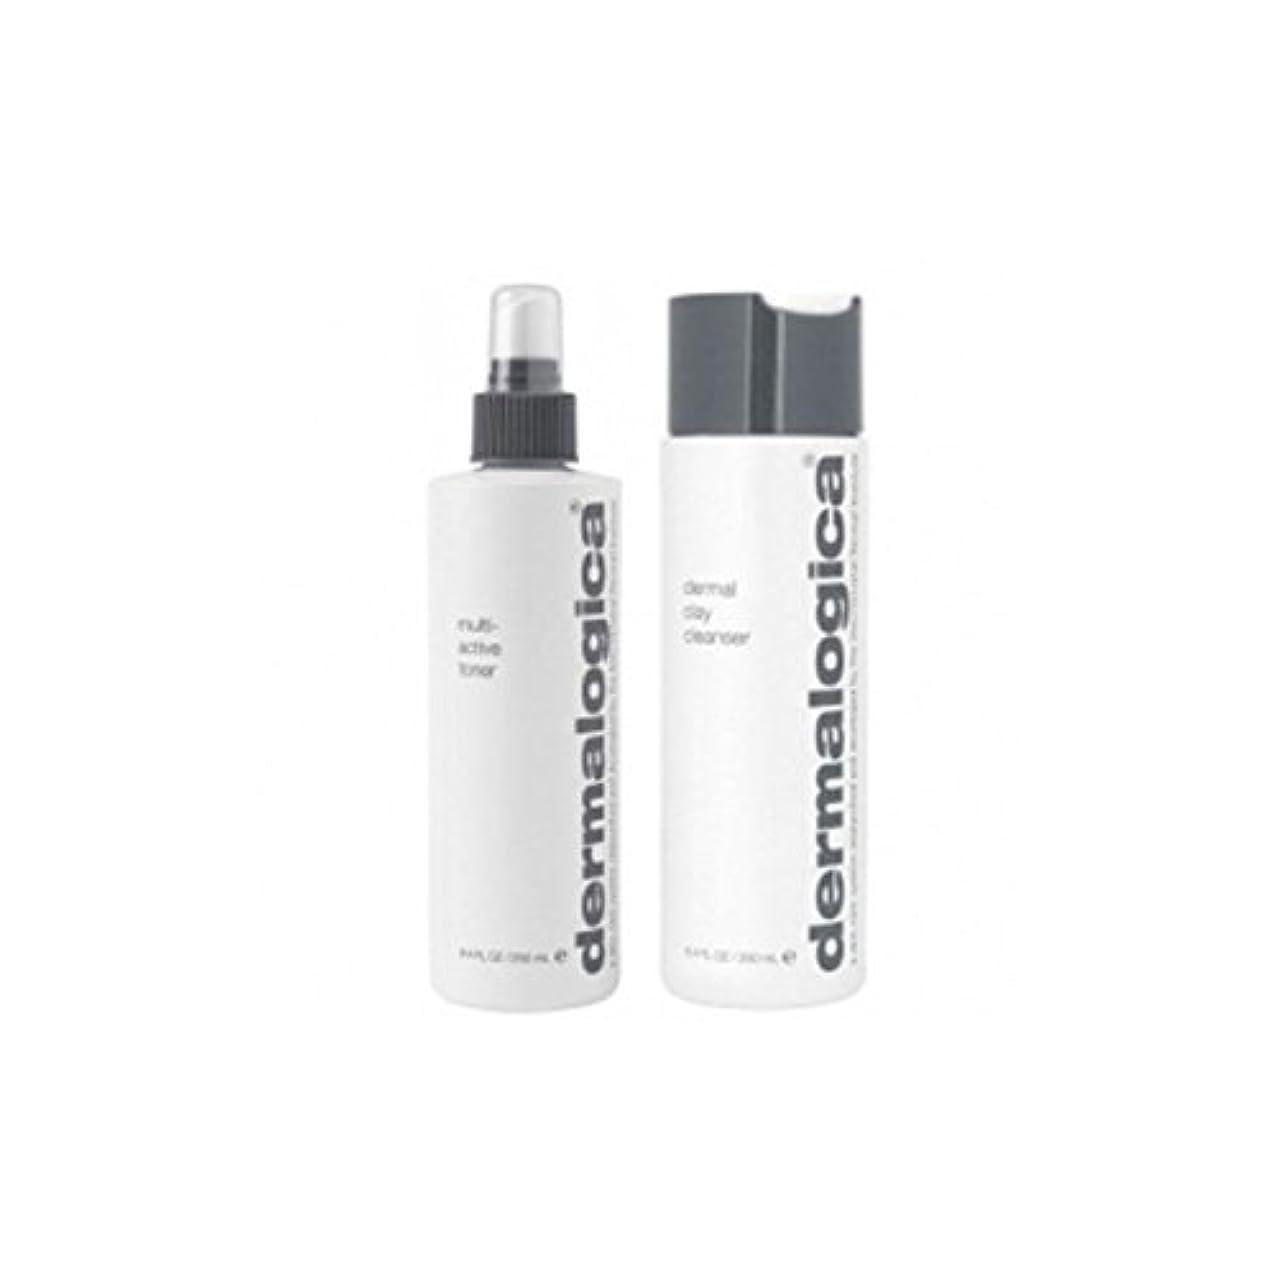 のスコア免除するキネマティクスDermalogica Cleanse & Tone Duo - Oily Skin (2 Products) - ダーマロジカクレンジング&トーンデュオ - 脂性肌(2製品) [並行輸入品]